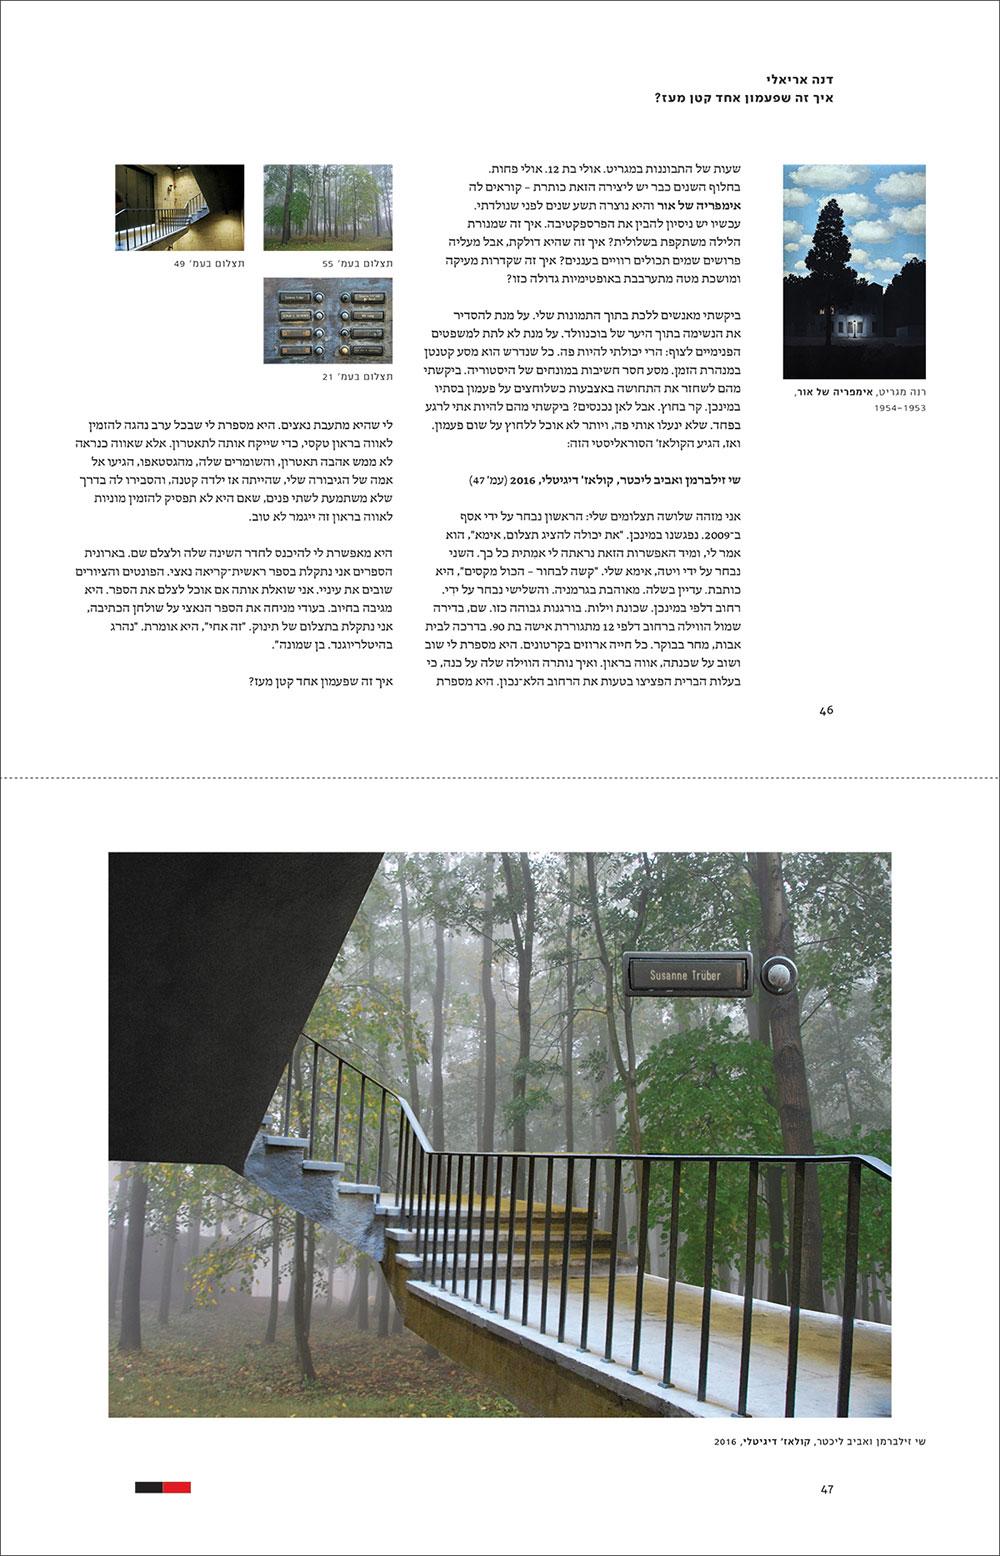 פנטומים, דנה אריאלי, עמודים 46-47